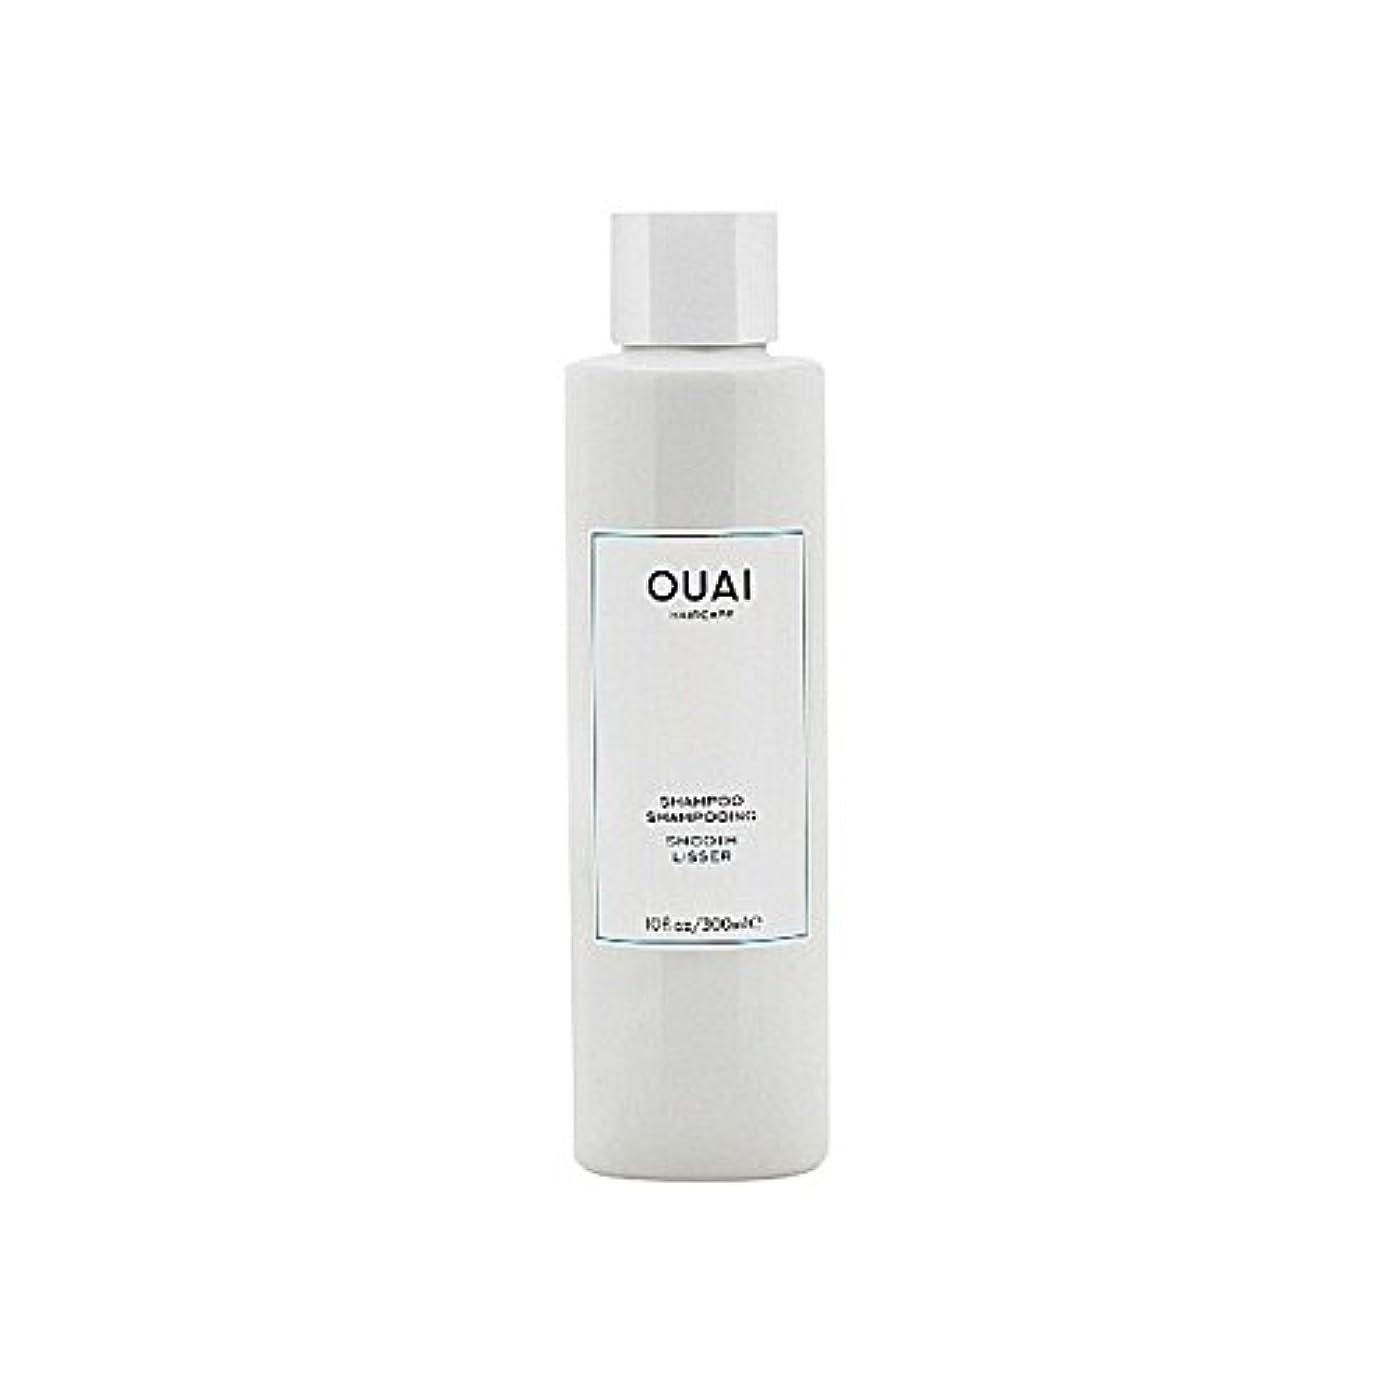 ウォルターカニンガムソケットモトリーOuai Smooth Shampoo 300ml (Pack of 6) - スムーズなシャンプー300ミリリットル x6 [並行輸入品]